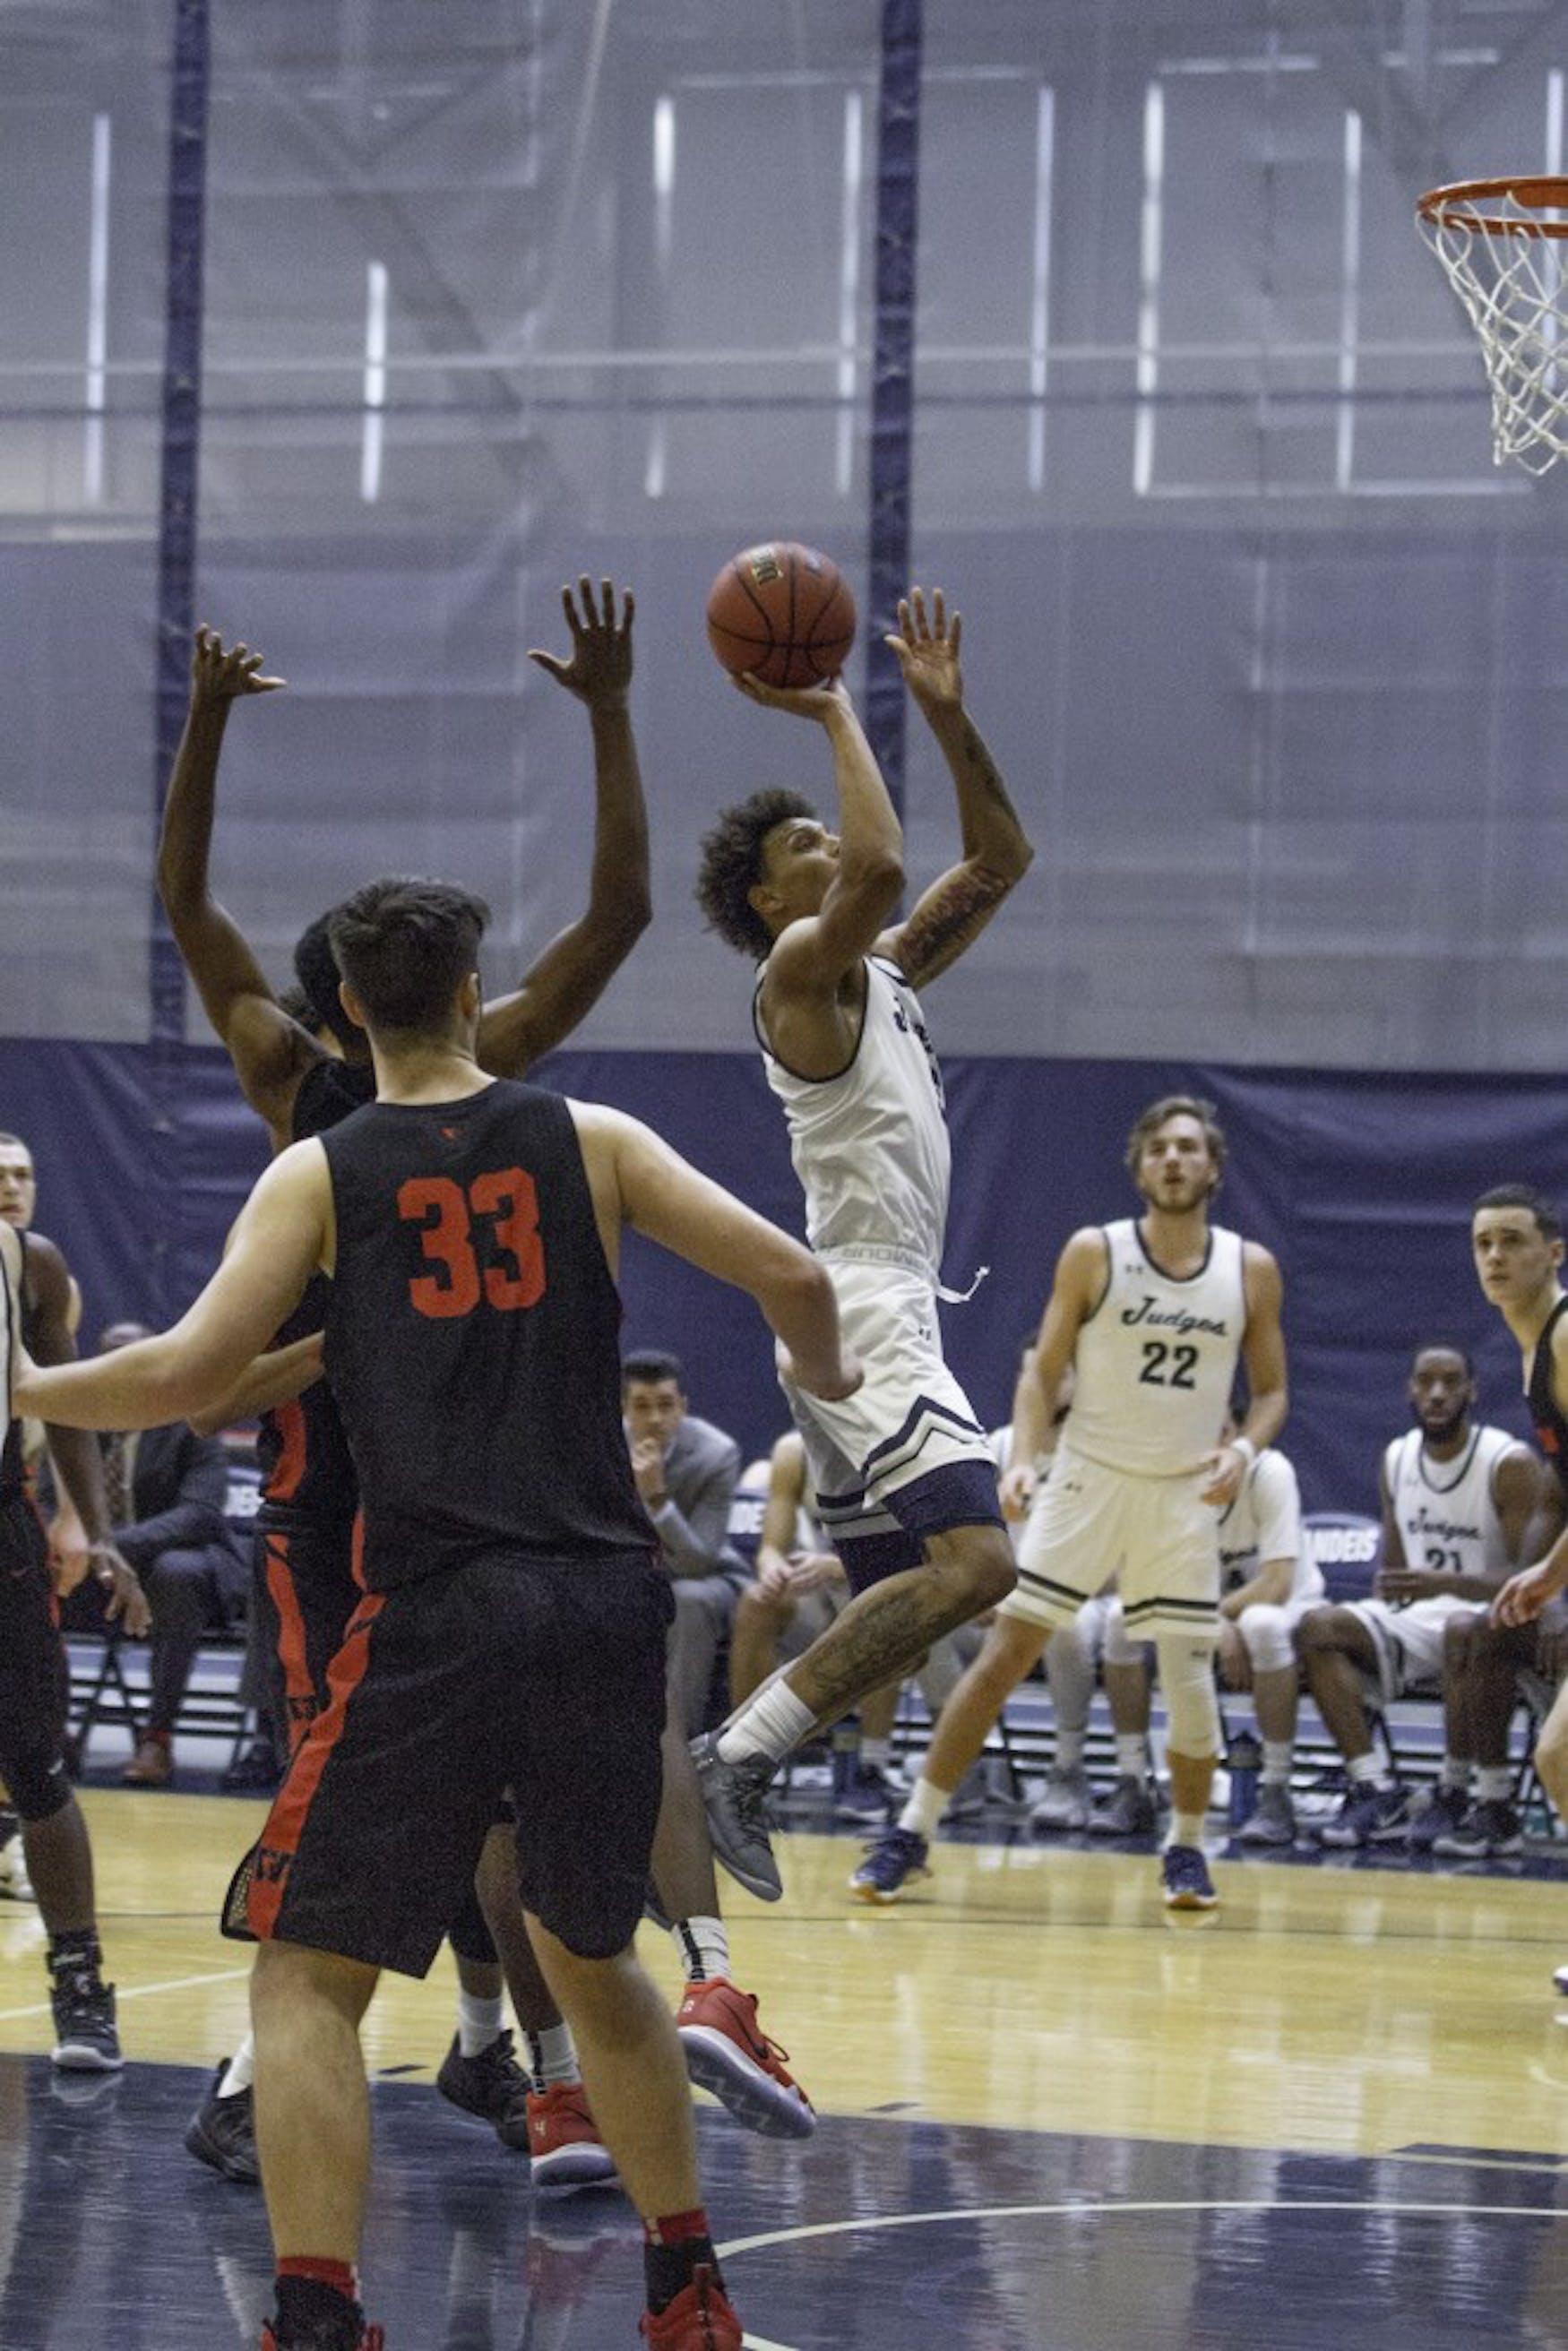 basketball-m-vs-wesleyan-12-8-18-nw-0202